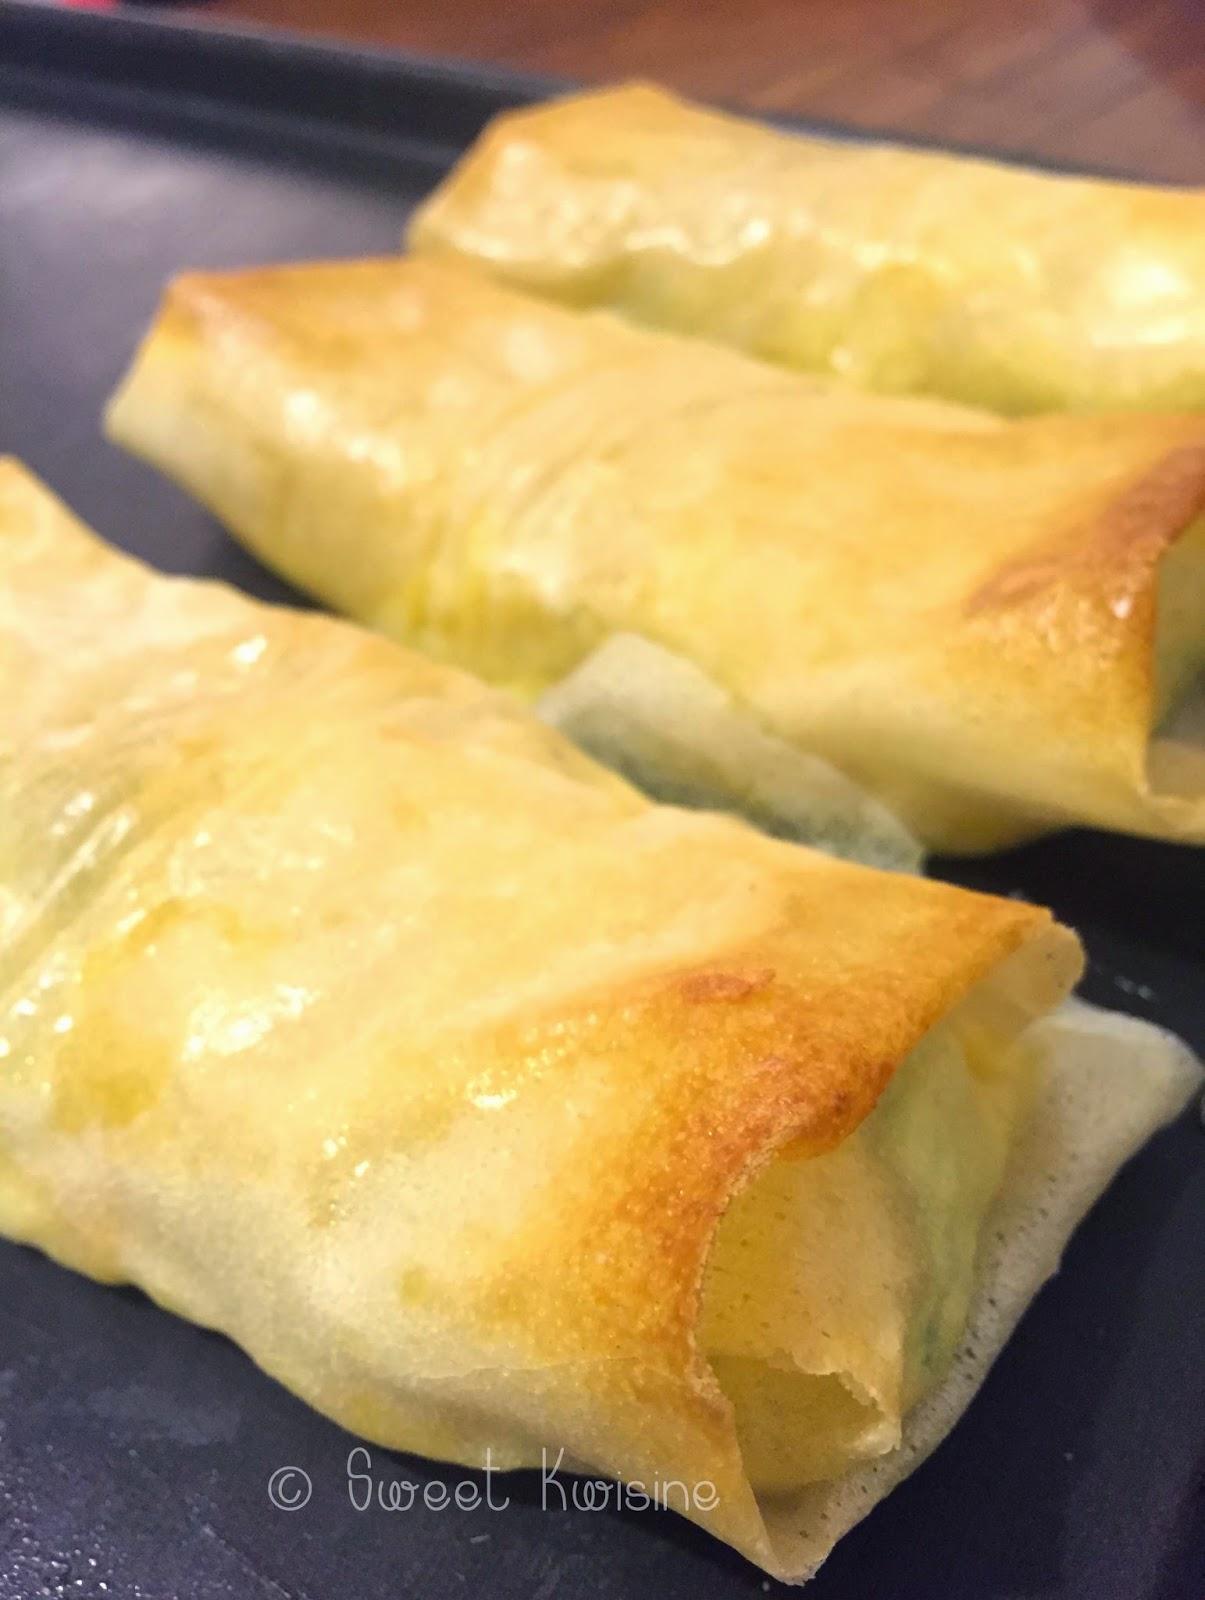 sweet kwisine, féta, courgettes, feuilles de brick, régime, healthy food, fatfree, cuisine légère, cuisine facile, diner rapide